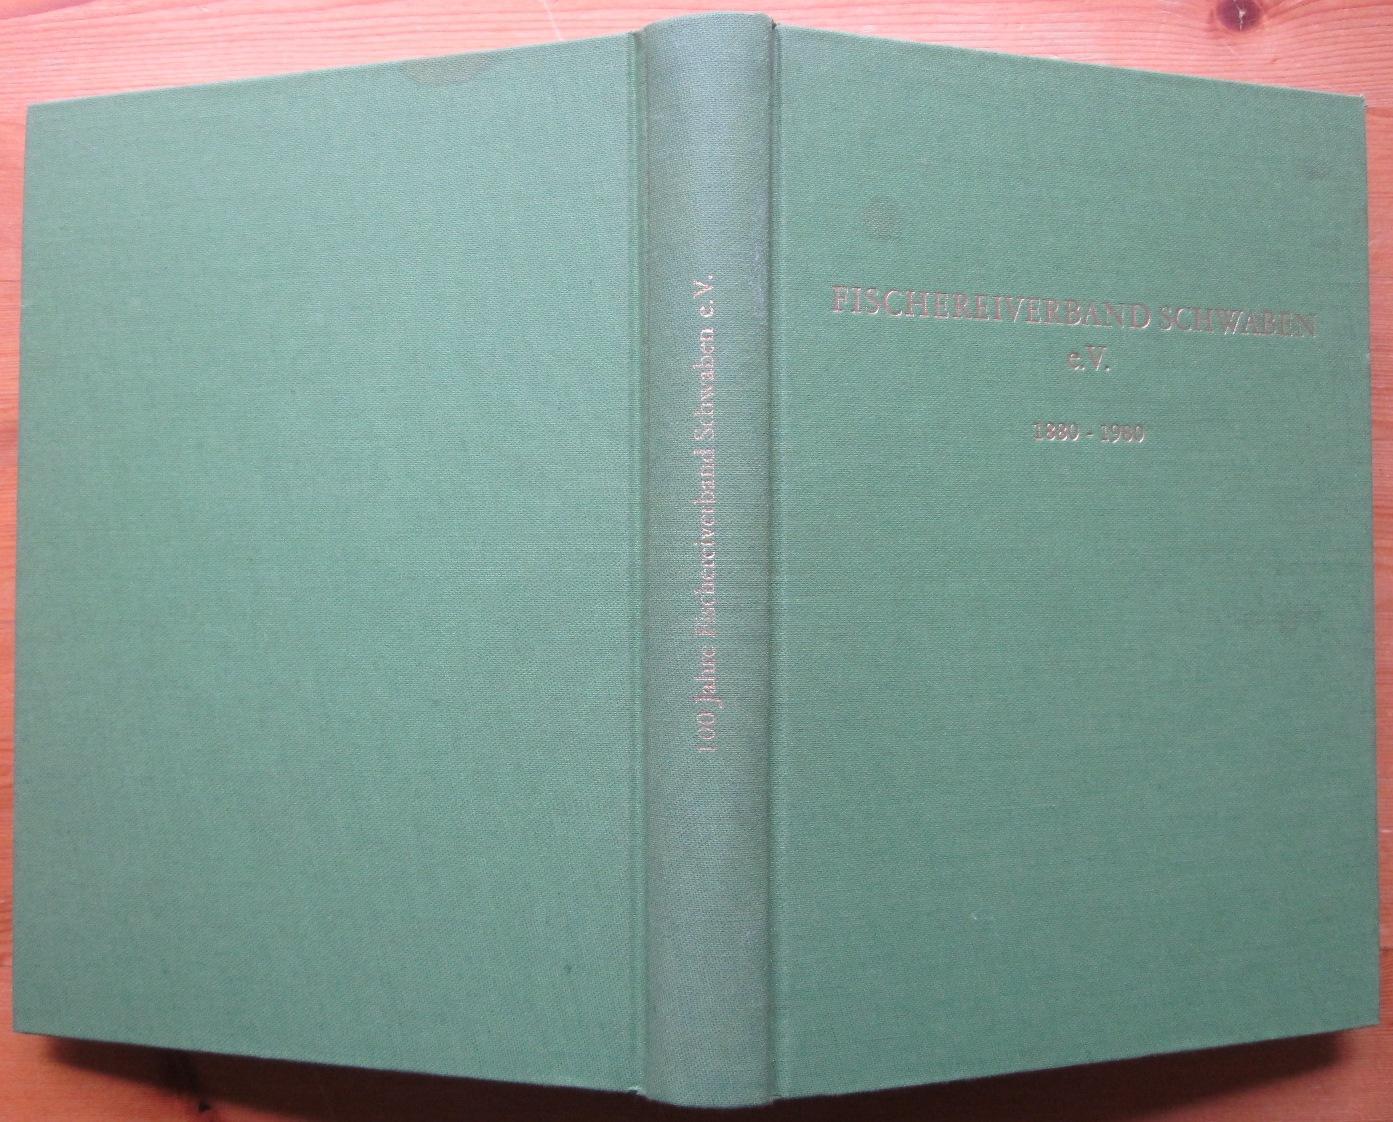 Fischereiverband Schwaben e.V. Festschrift anläßlich des 100-jährigen: Wiesner, Erhard Robert